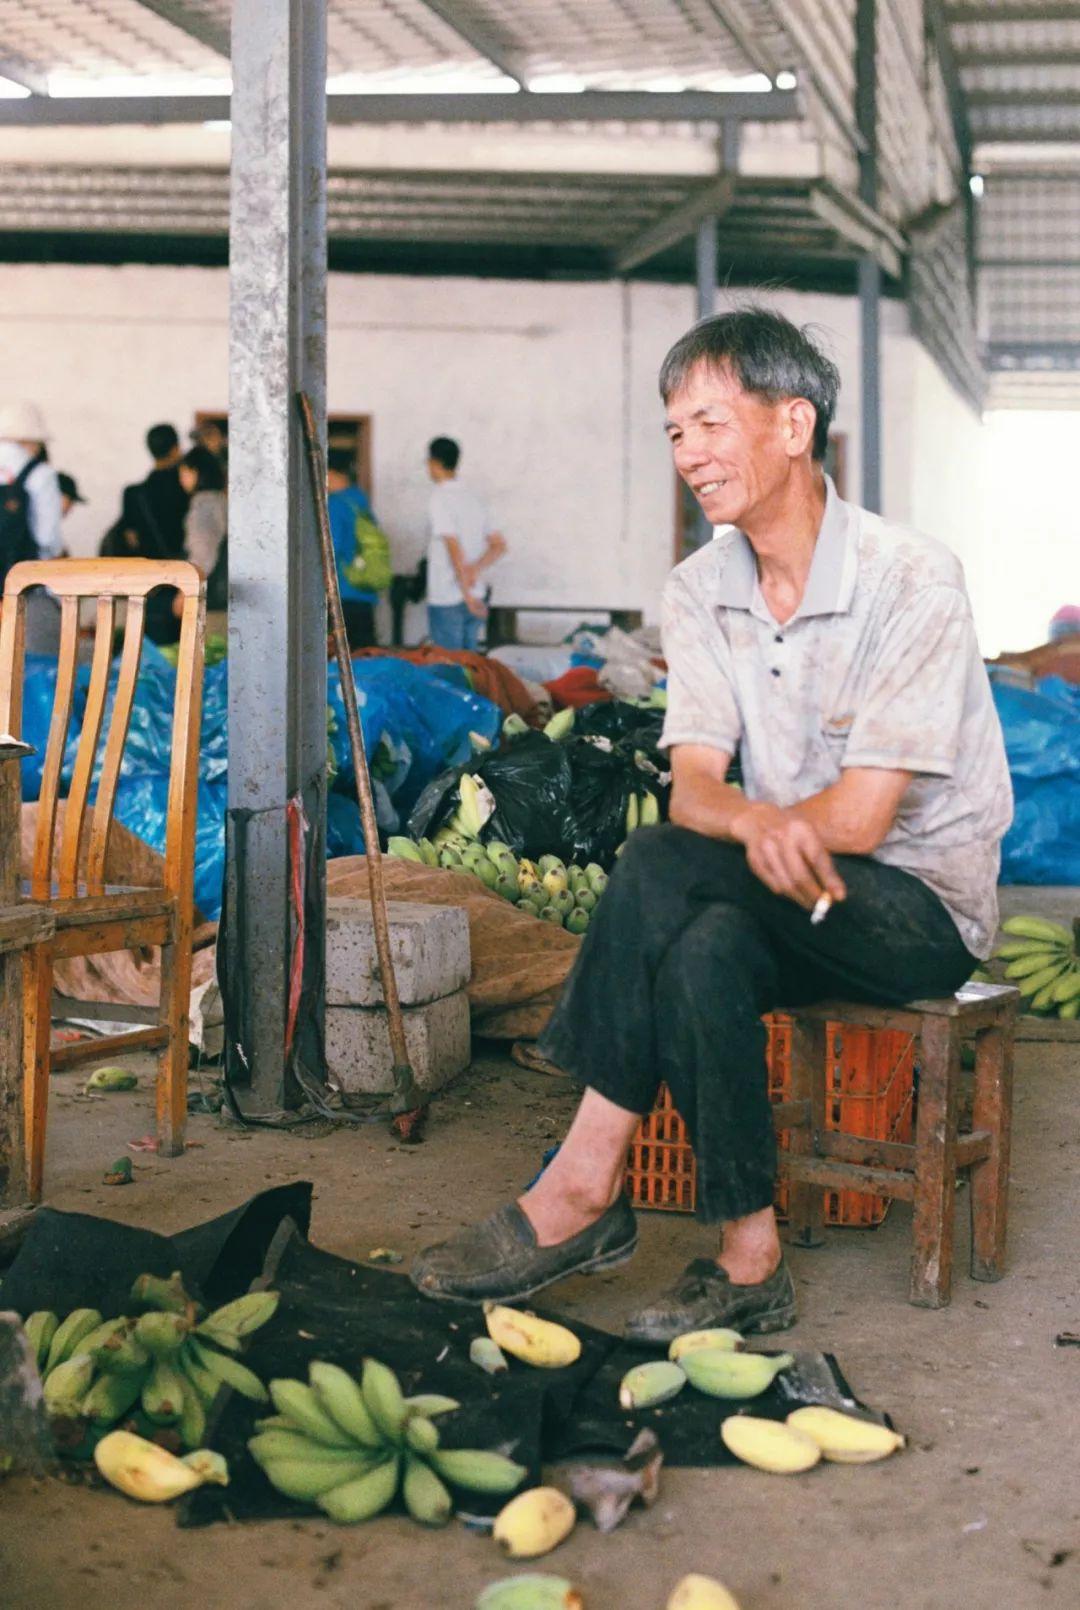 蒸香蕉、香蕉炖大鹅...在东莞,发现一片香蕉的海!